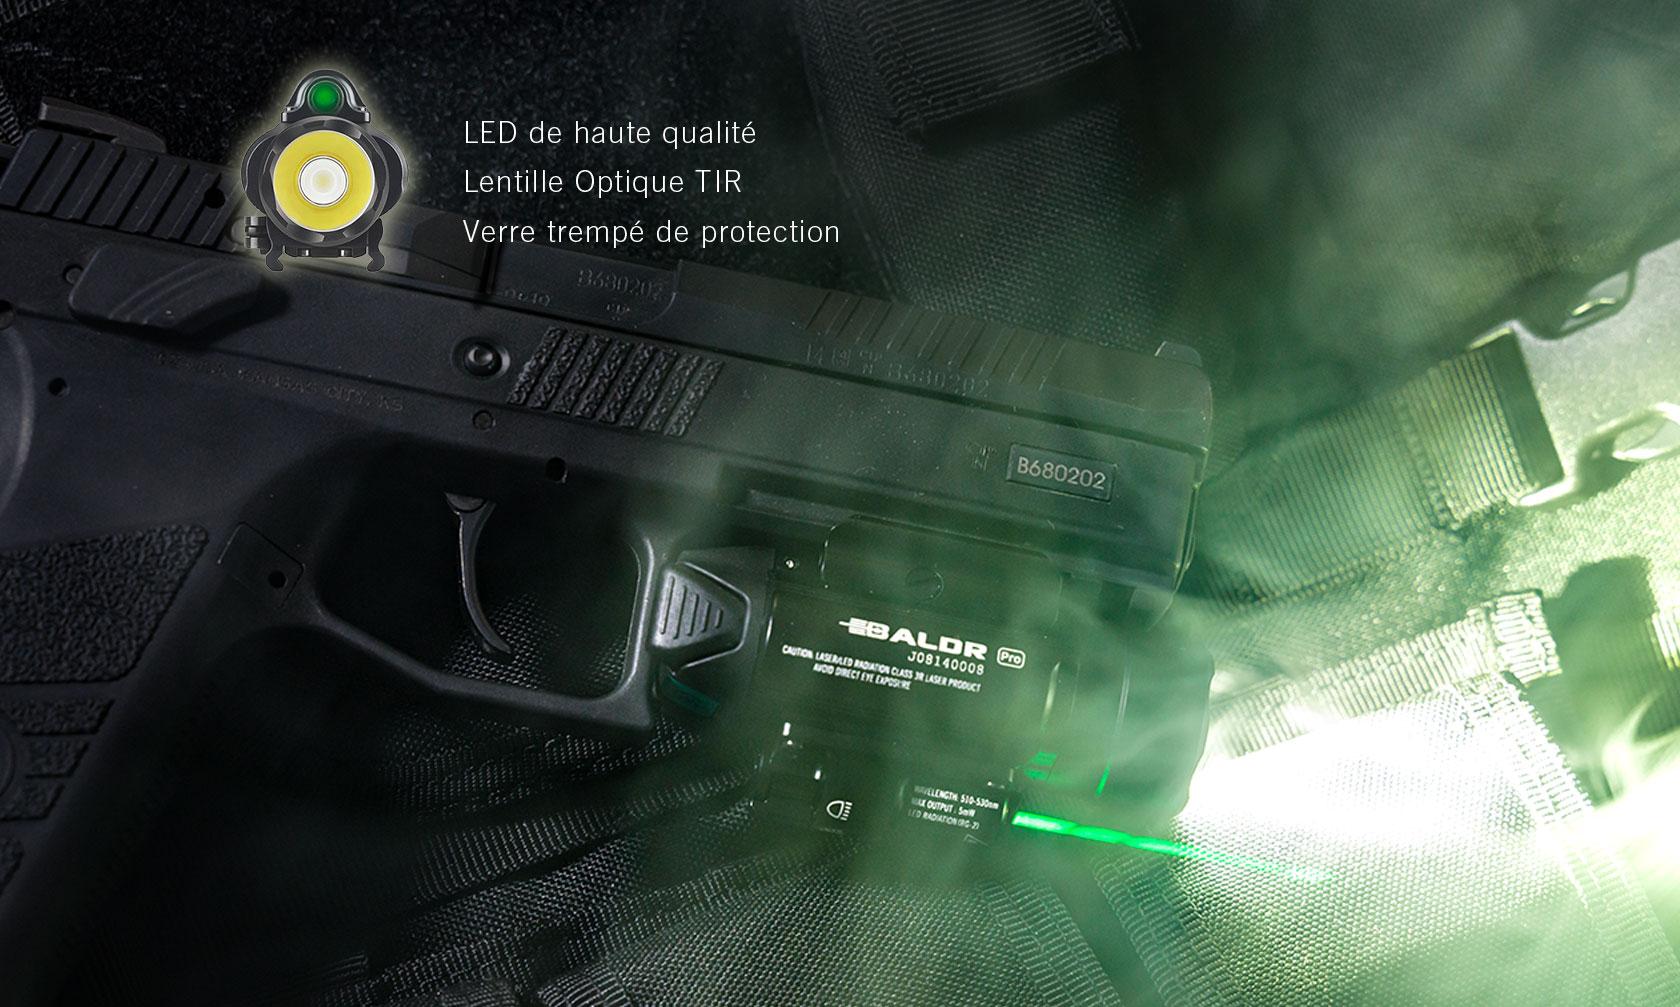 Baldr Pro lampe ultra puissante militaire 1350 lumens